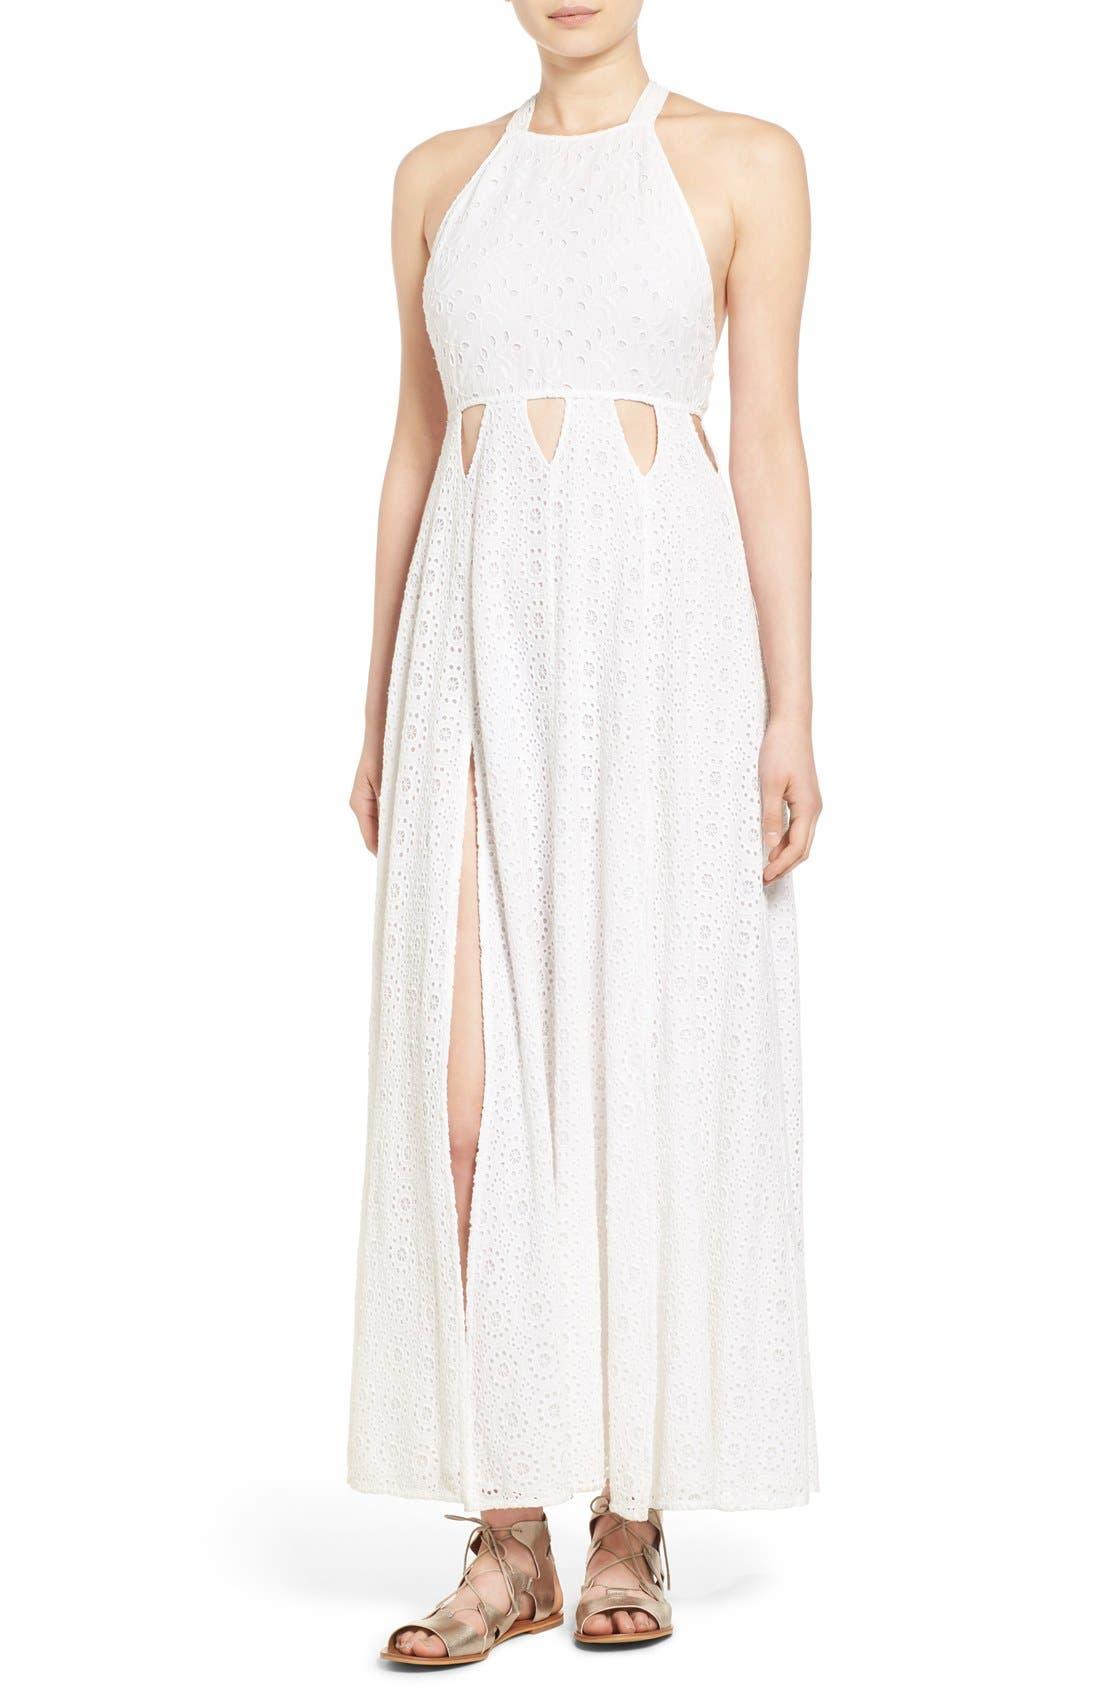 Main Image - Tularosa 'Duchess' Cotton Lace Maxi Dress